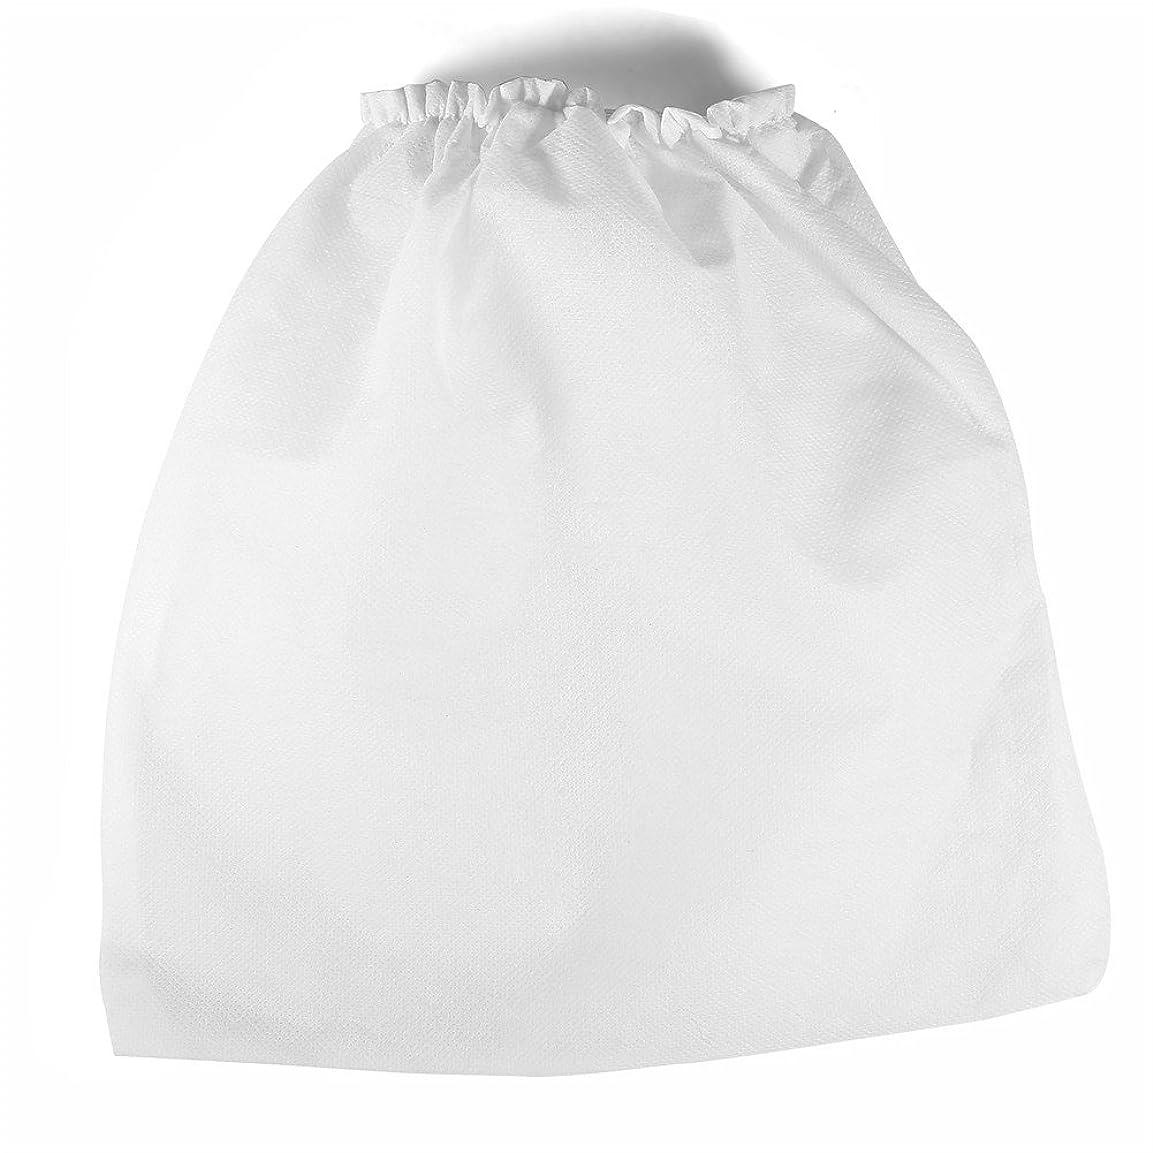 熱販売員発明ネイルアート集塵サロンツール用掃除機バッグ10ピースネイル不織布掃除機交換バッグ